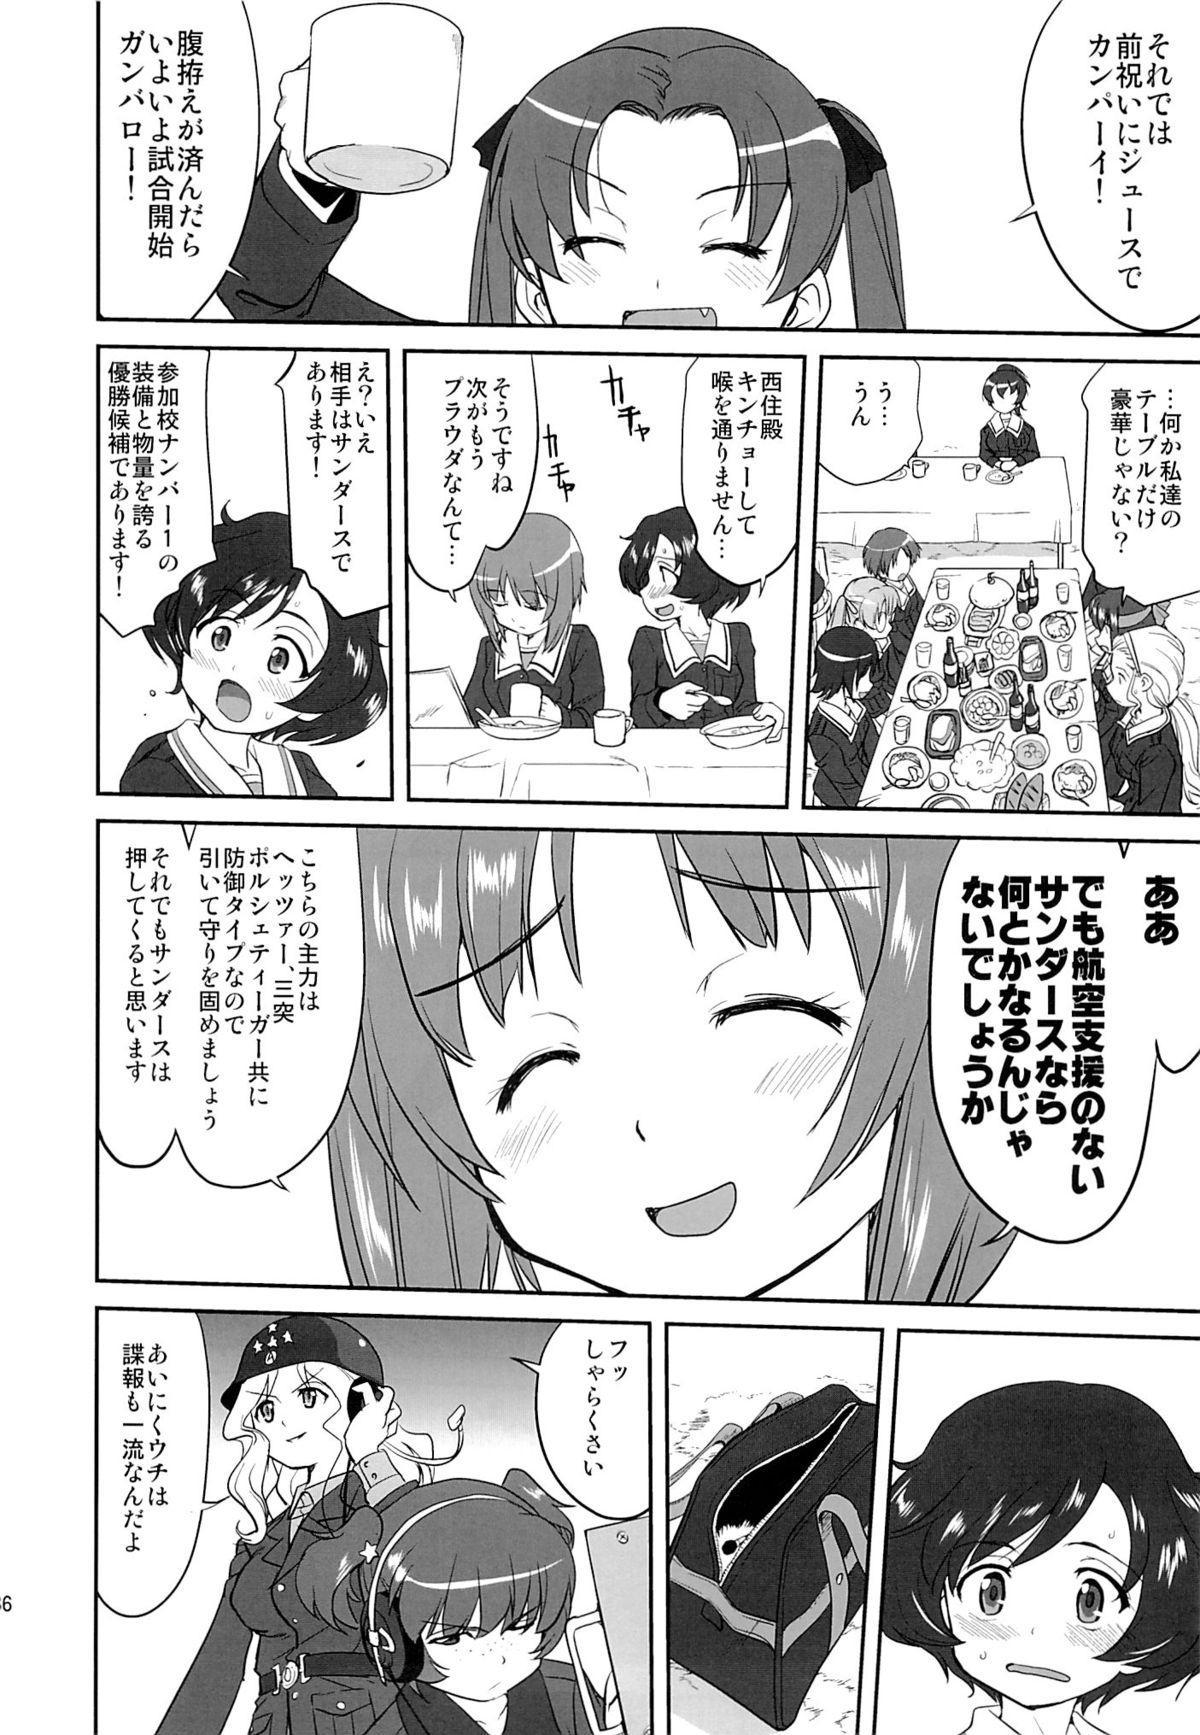 Yukiyukite Senshadou 32